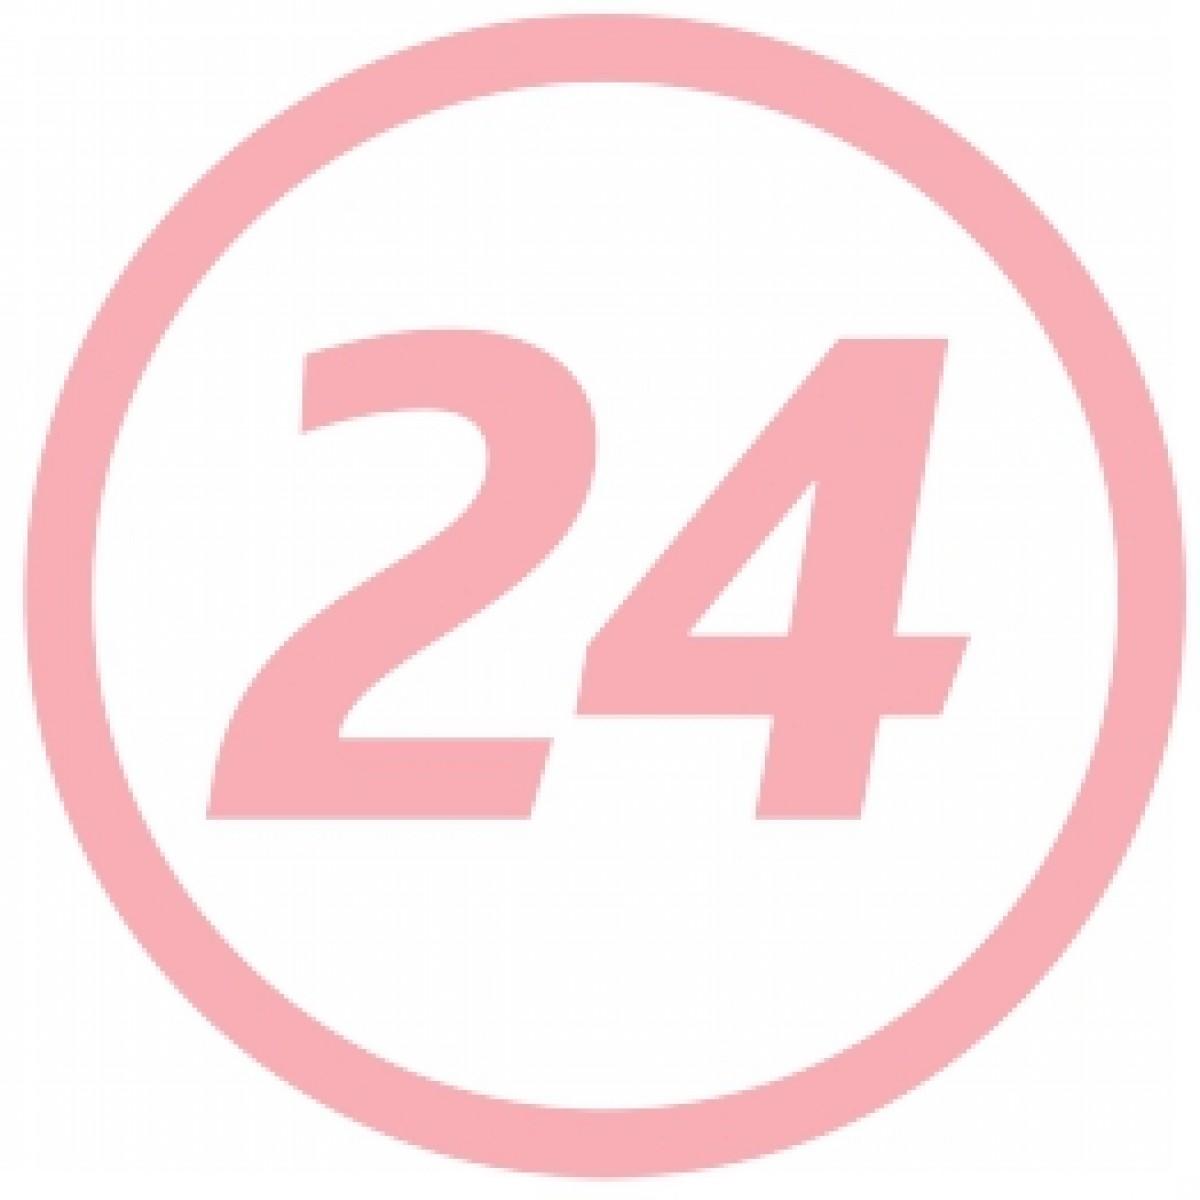 MUSTELA 2 în 1 Păr şi Corp Cremă Curăţătoare fără Săpun, Cremă, 200 ml